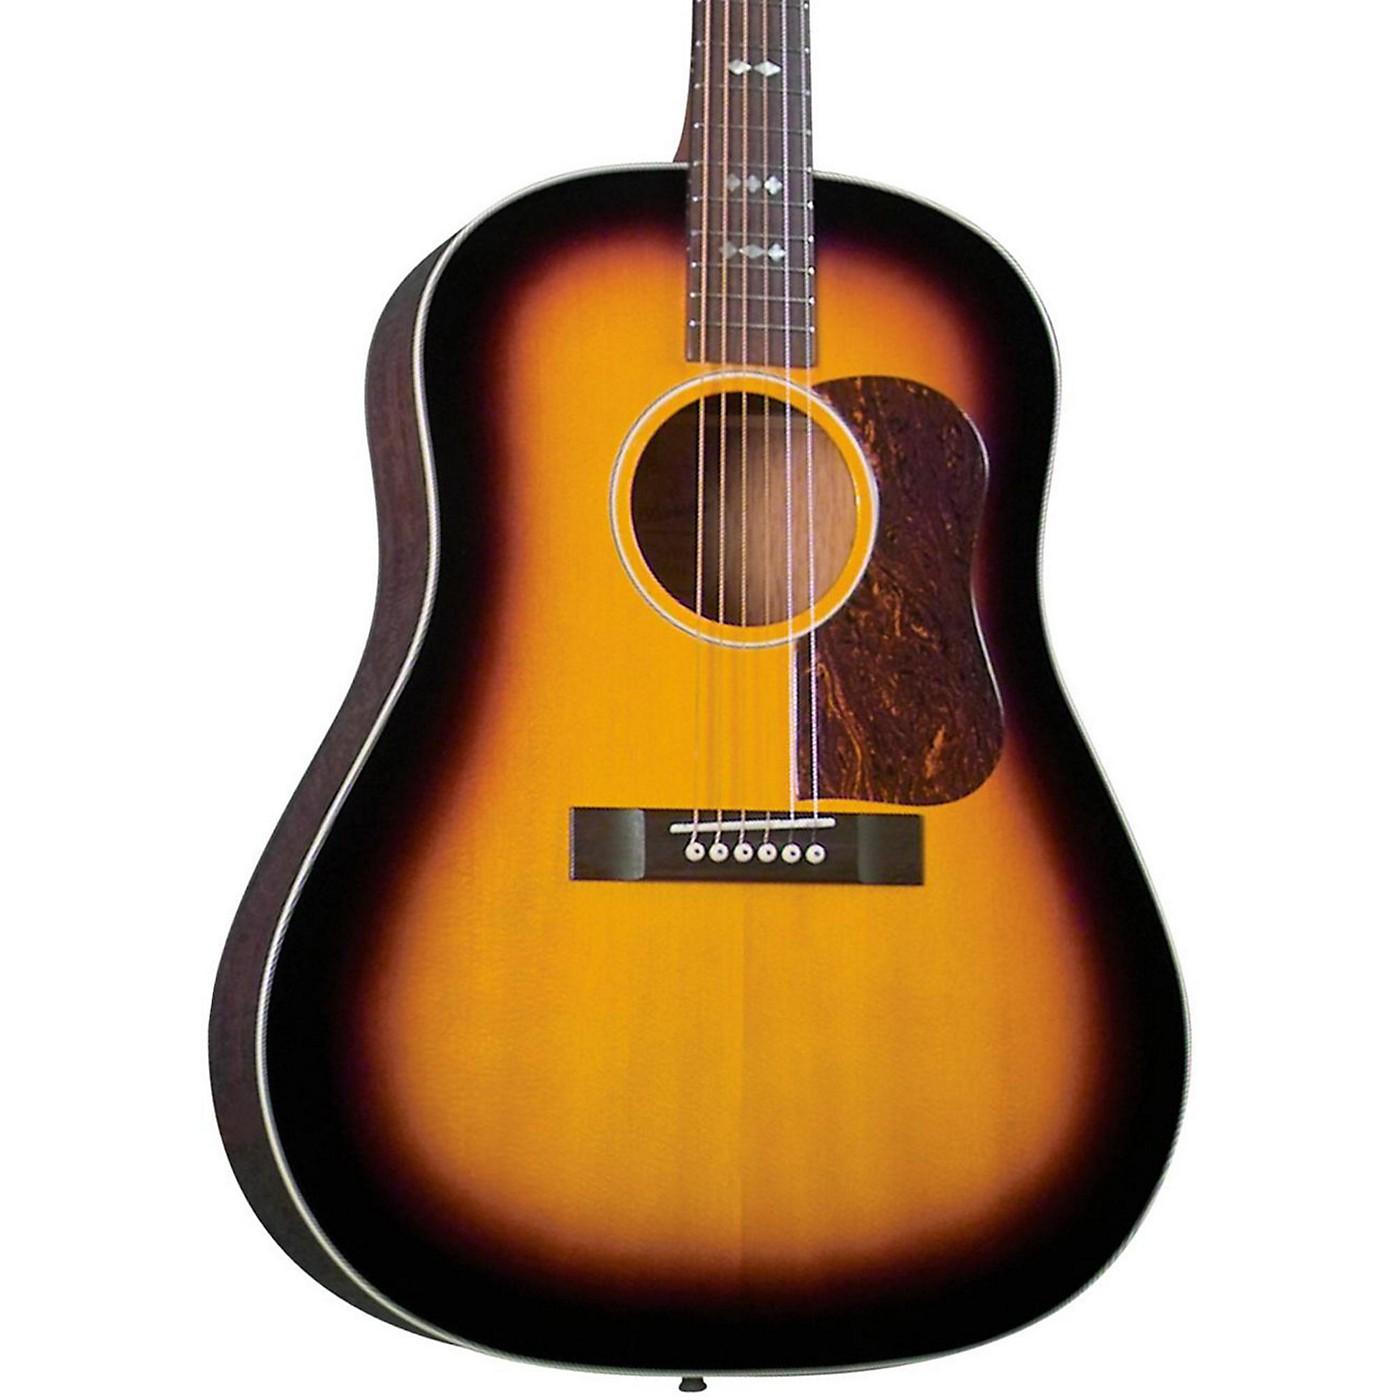 Blueridge BG-40 Contemporary Series Slope Shoulder Dreadnought Acoustic Guitar thumbnail